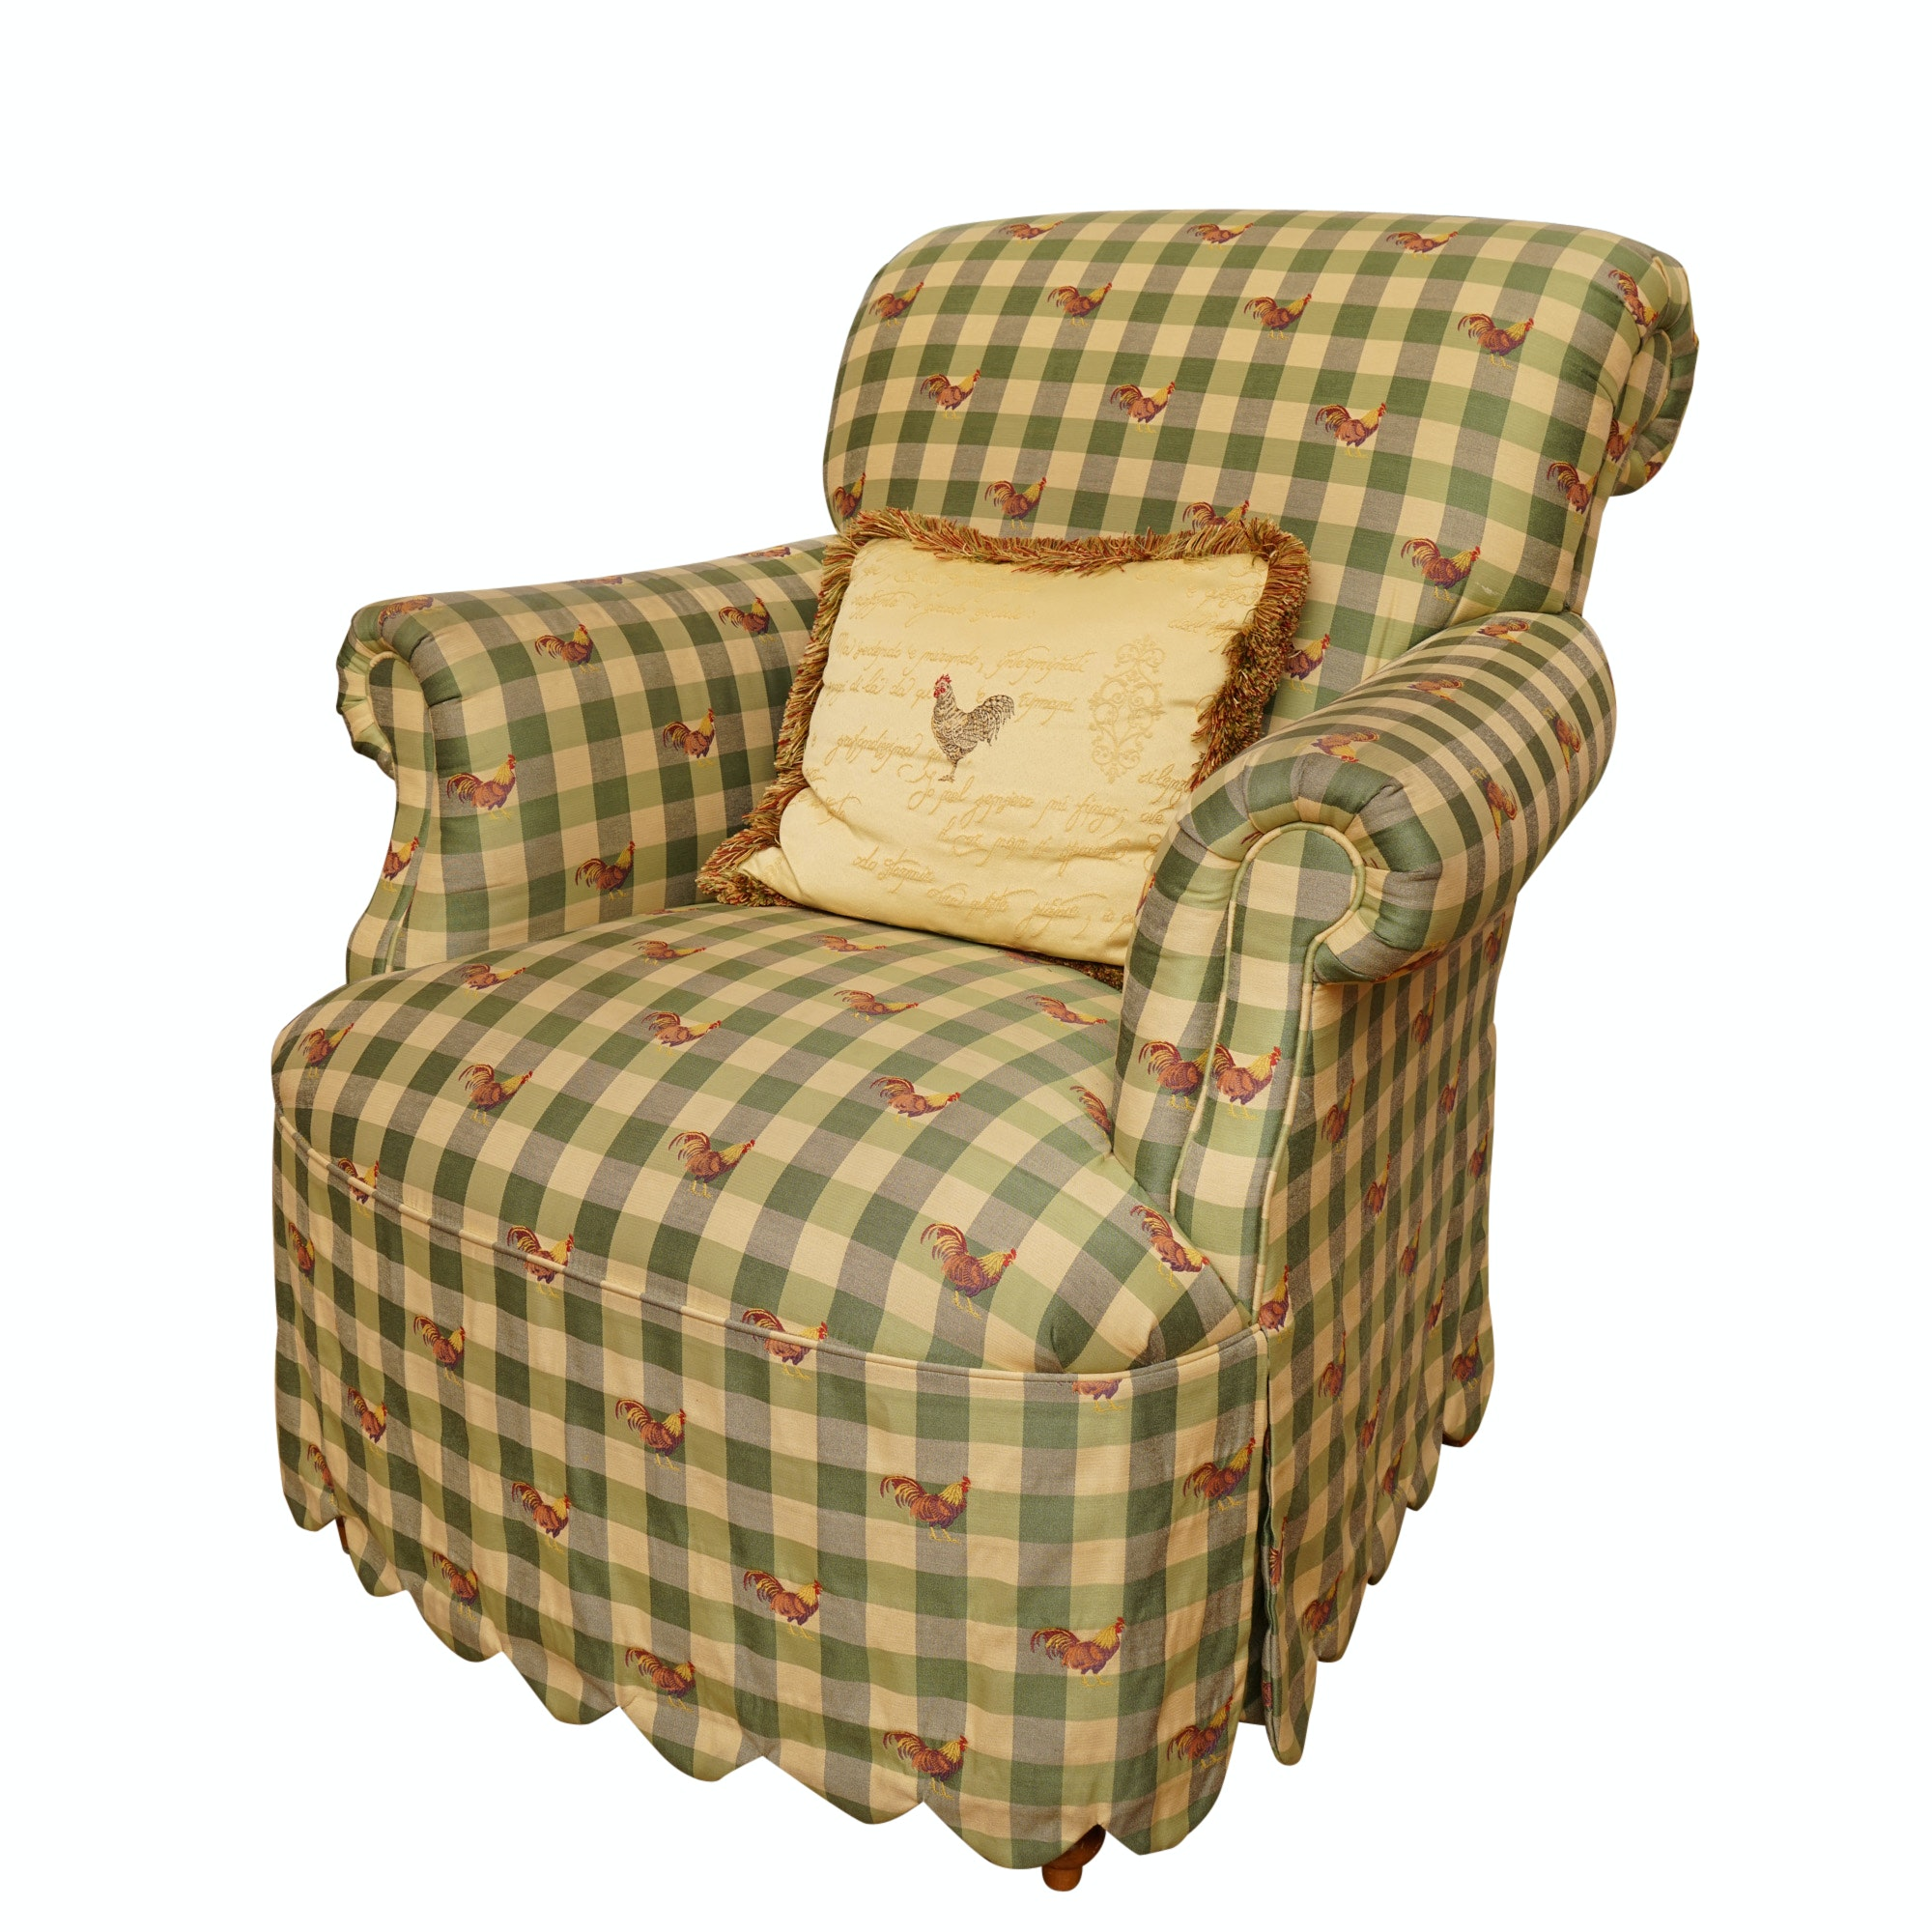 Farmhouse Style Upholstered Armchair